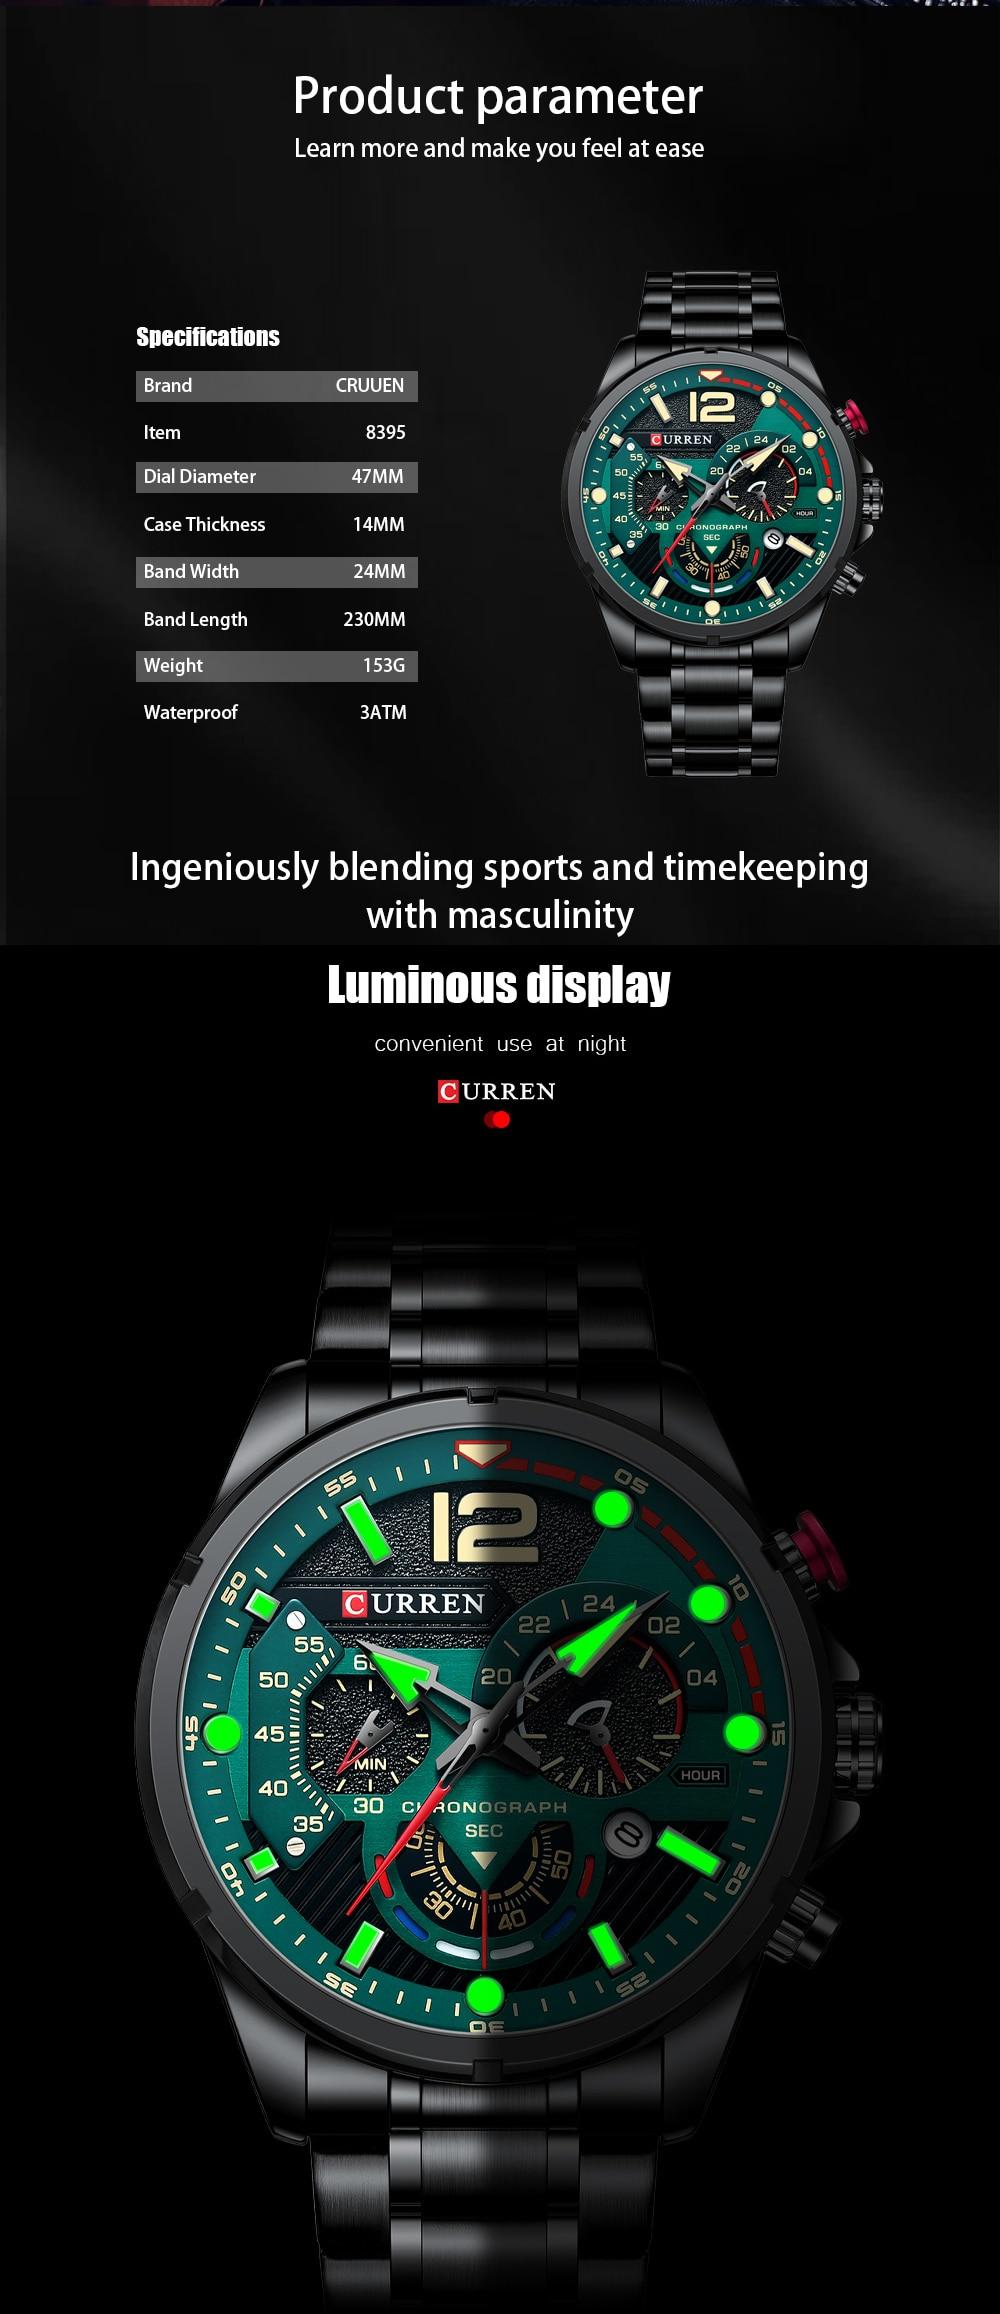 CURREN 8395 Quartz Watch